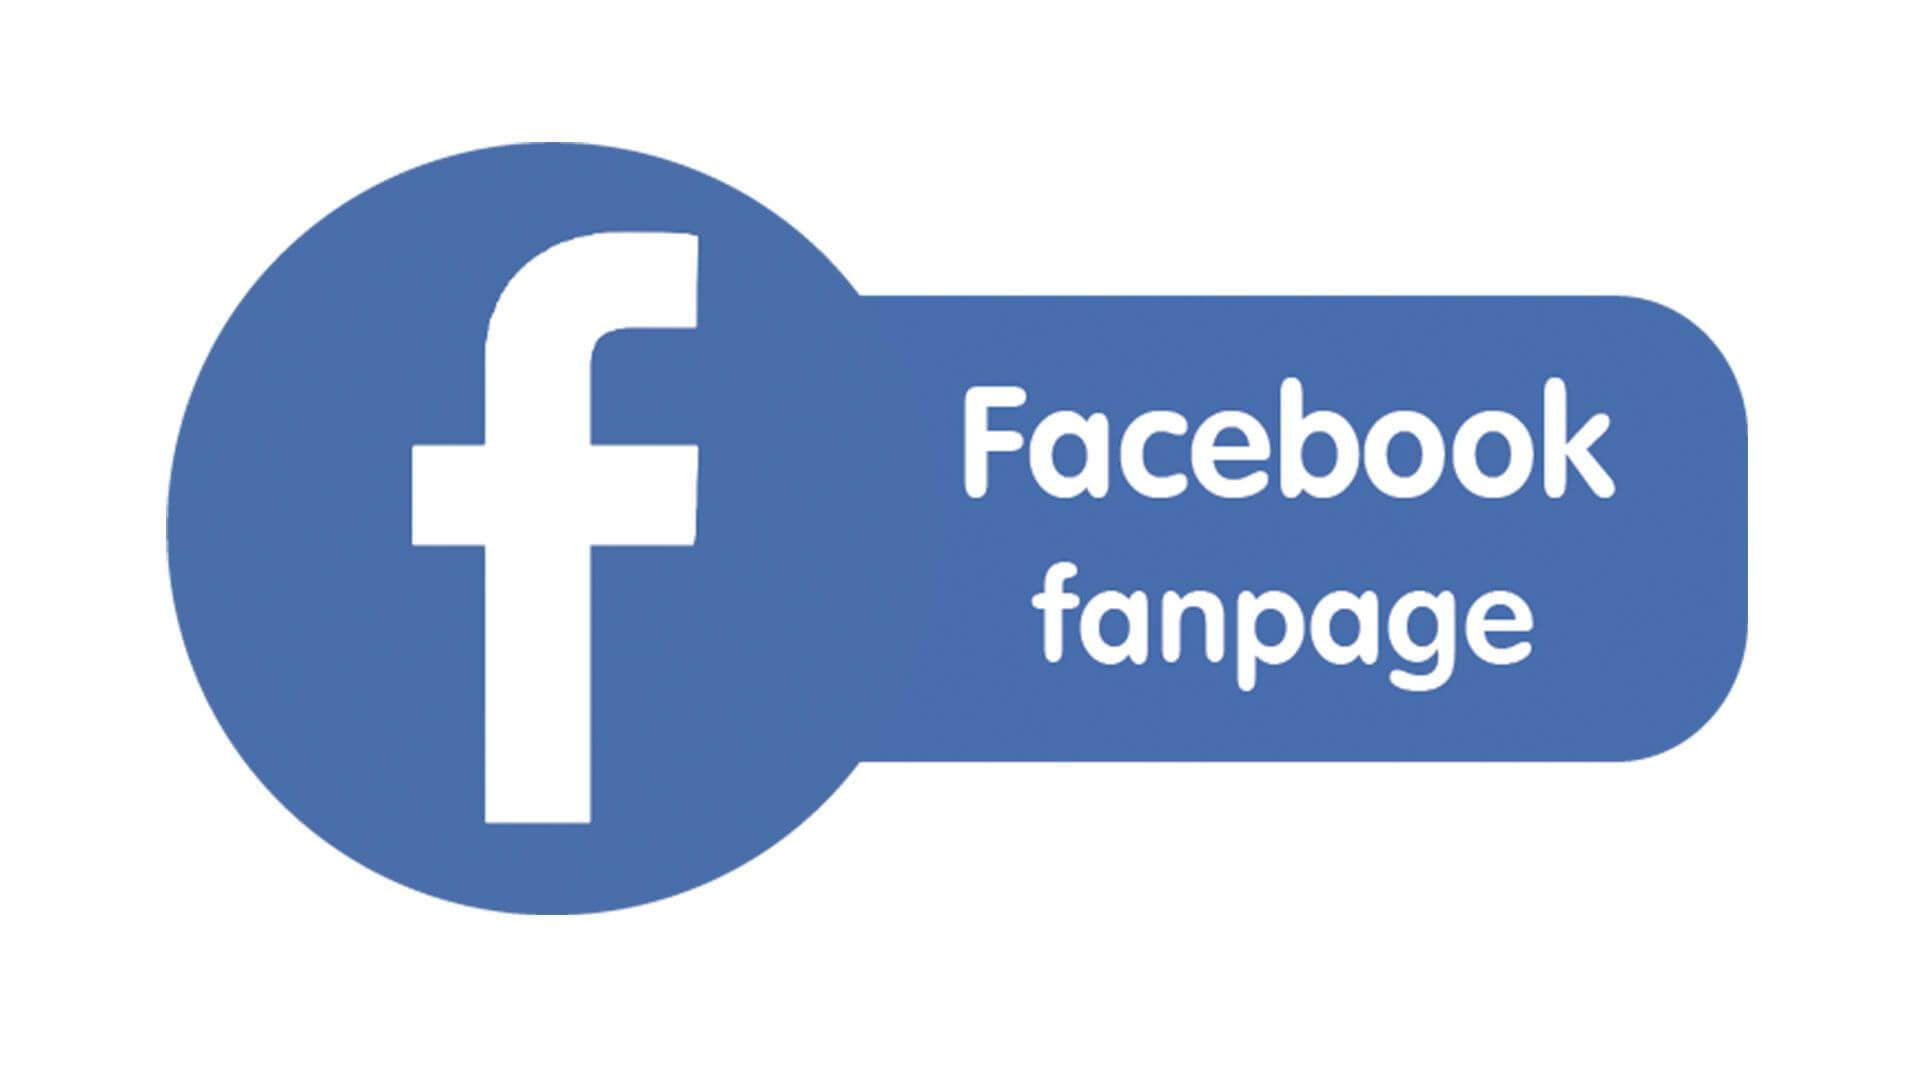 Agencia Sidecar blog-agencia-sidecar-aumentar-ventas-en-facebook-portada Aumentar ventas en Facebook